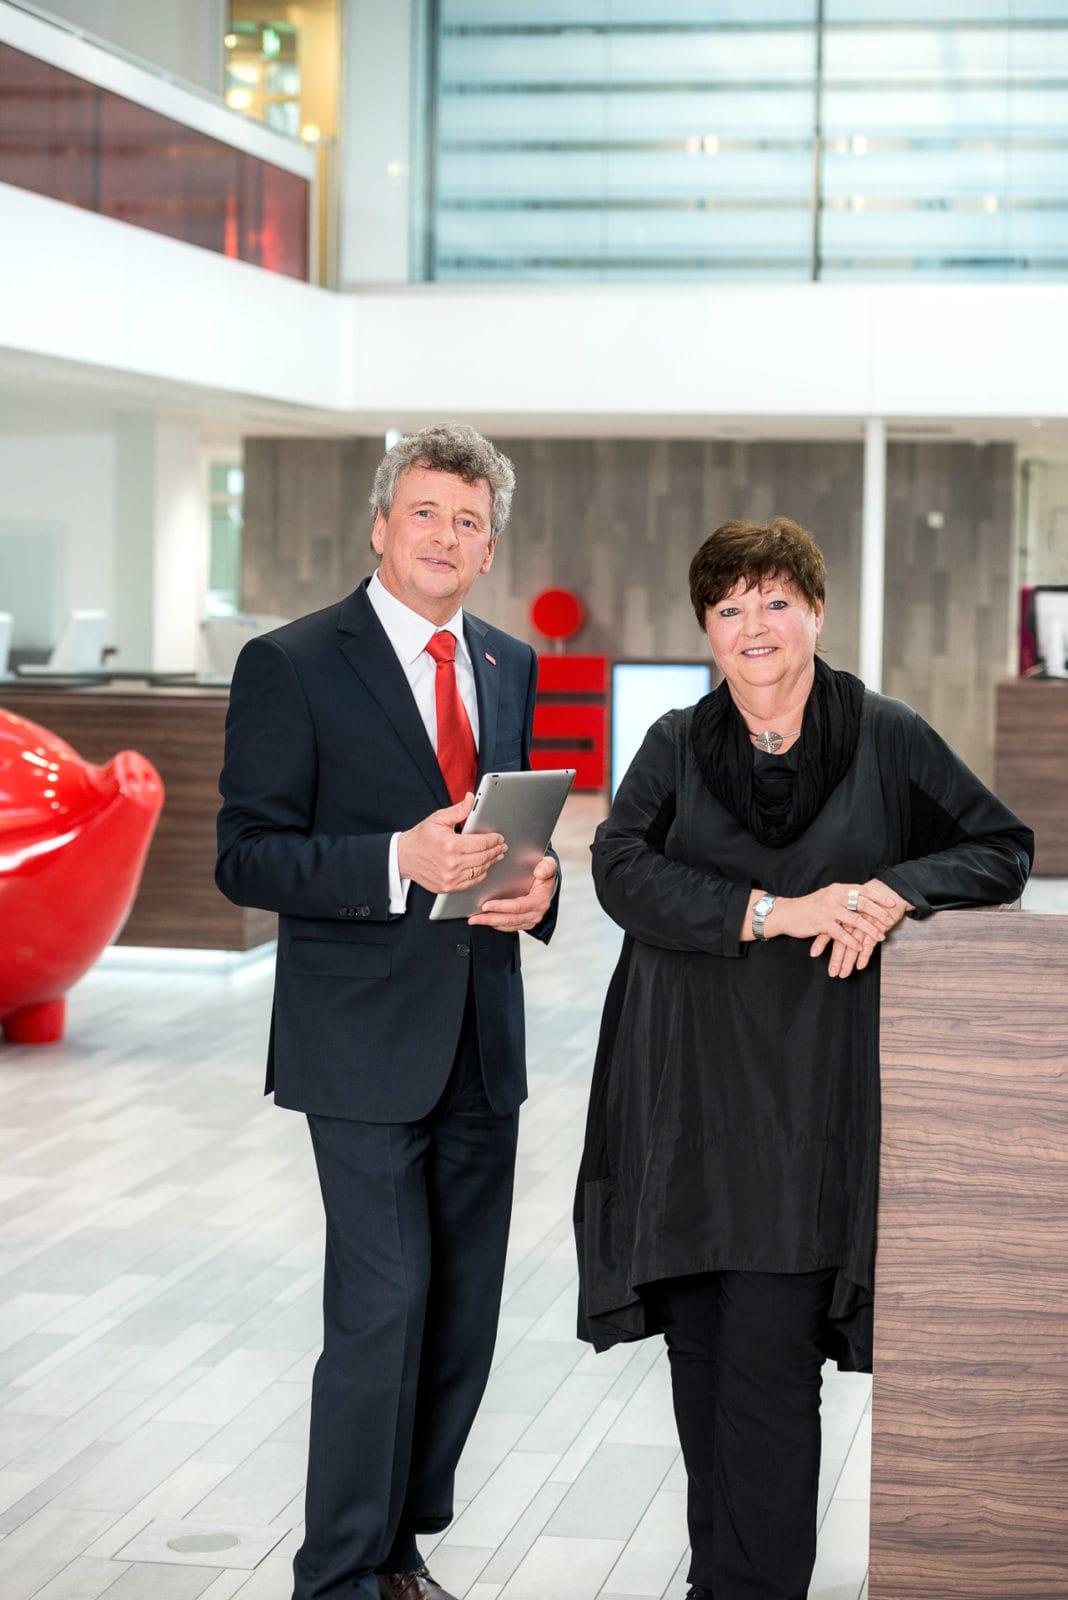 Inszenierte Portraits für den Geschäftsbericht / annual report der Sparkasse Schwerte durch den Fotograf Markus Mielek / Ruhrgebiet